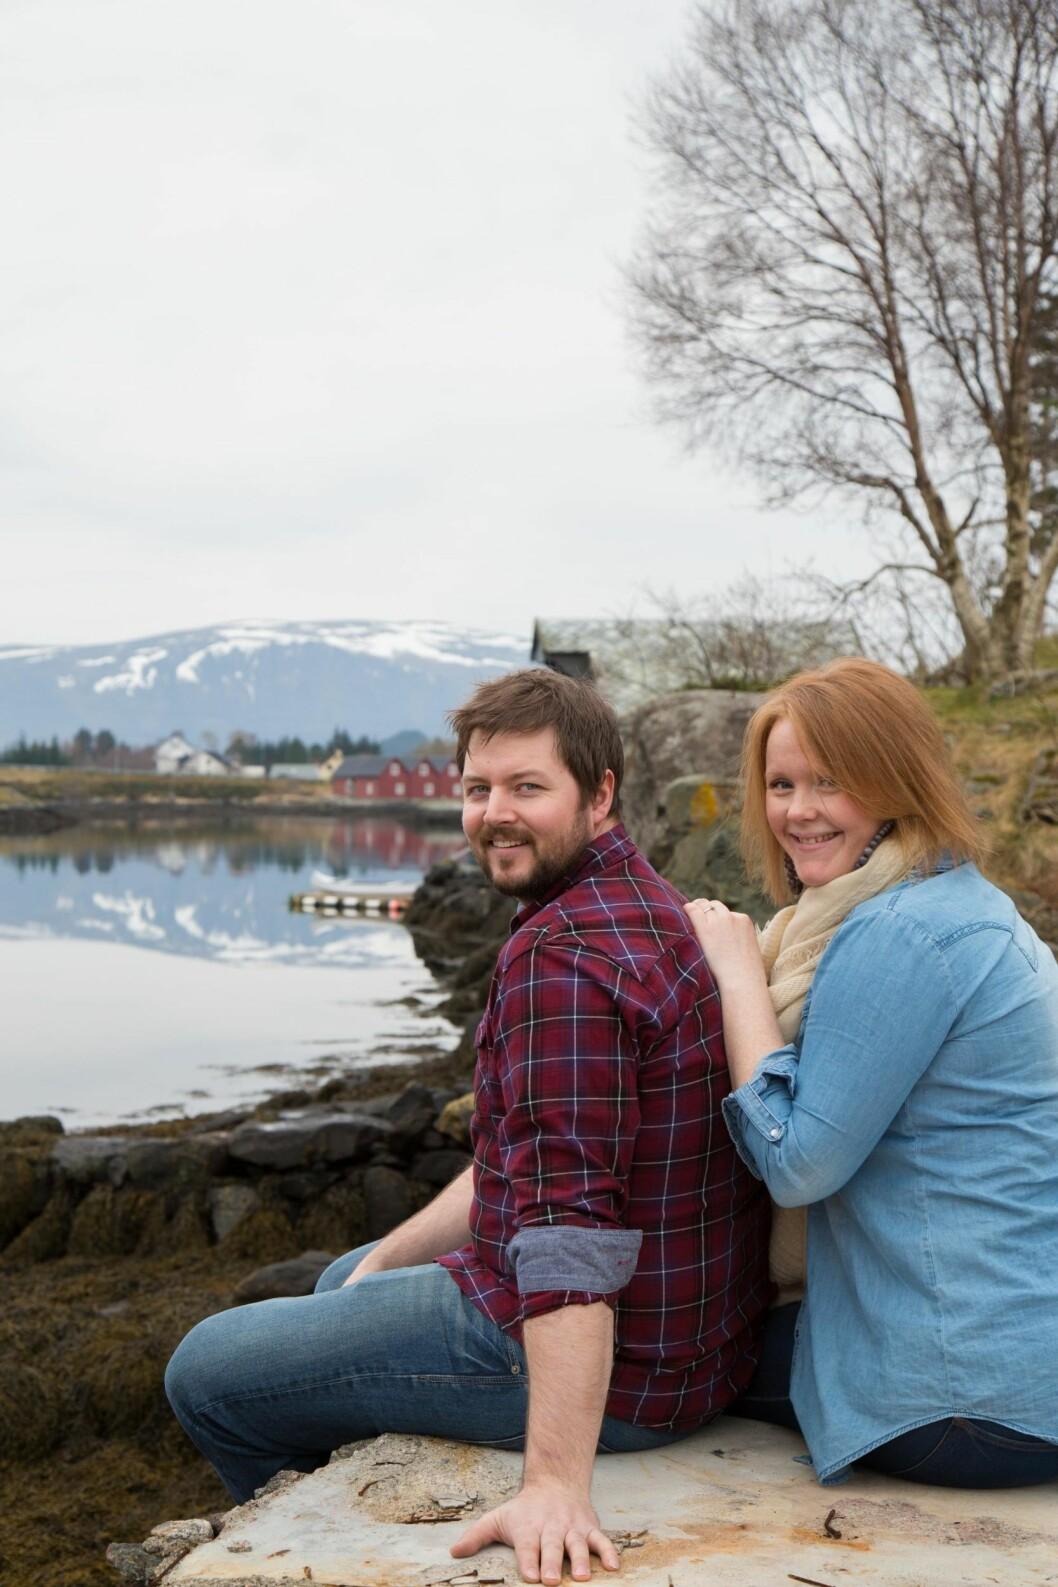 STORT PROSJEKT: Marianne og Christer har brukt fire år på å bygge opp igjen det gamle huset på Nærøya. Arbeidsfordelingen har vært fin – og de har kost seg. Foto: Siv-Elin Nærø